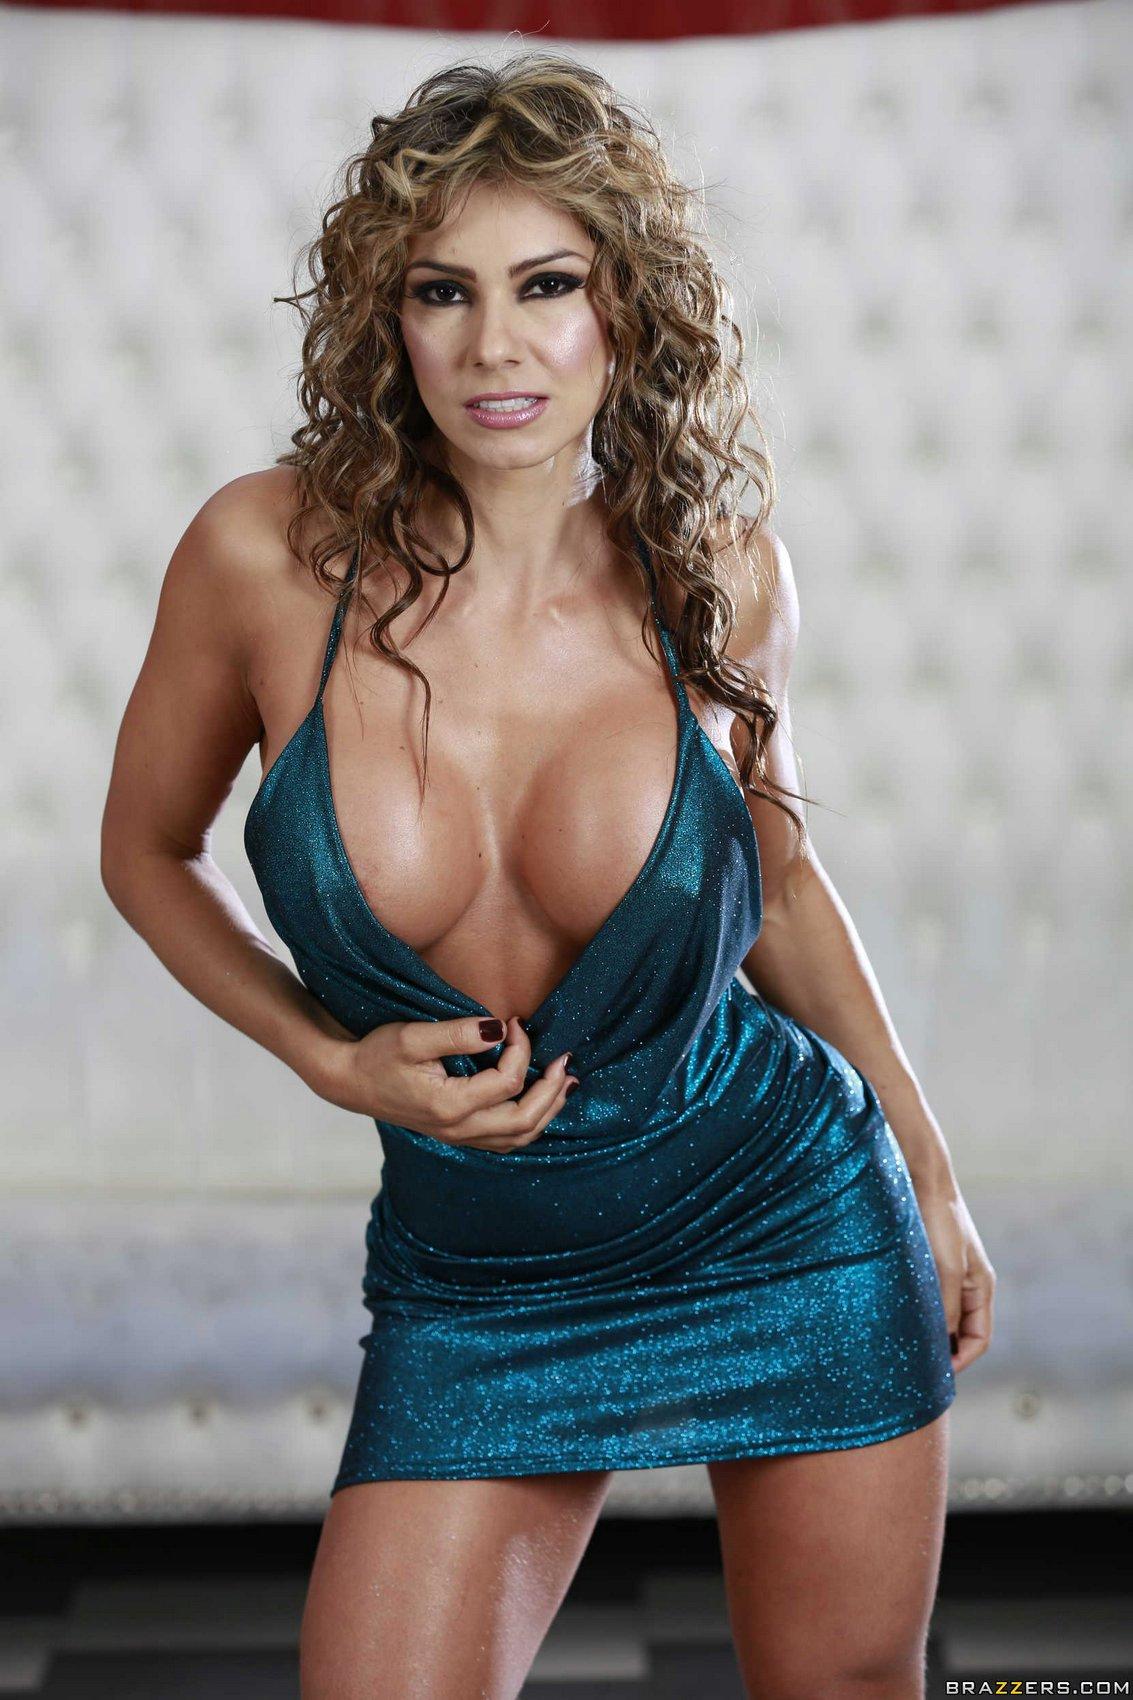 Esperanza Gomez in sexy dress and heels showing her hot ...